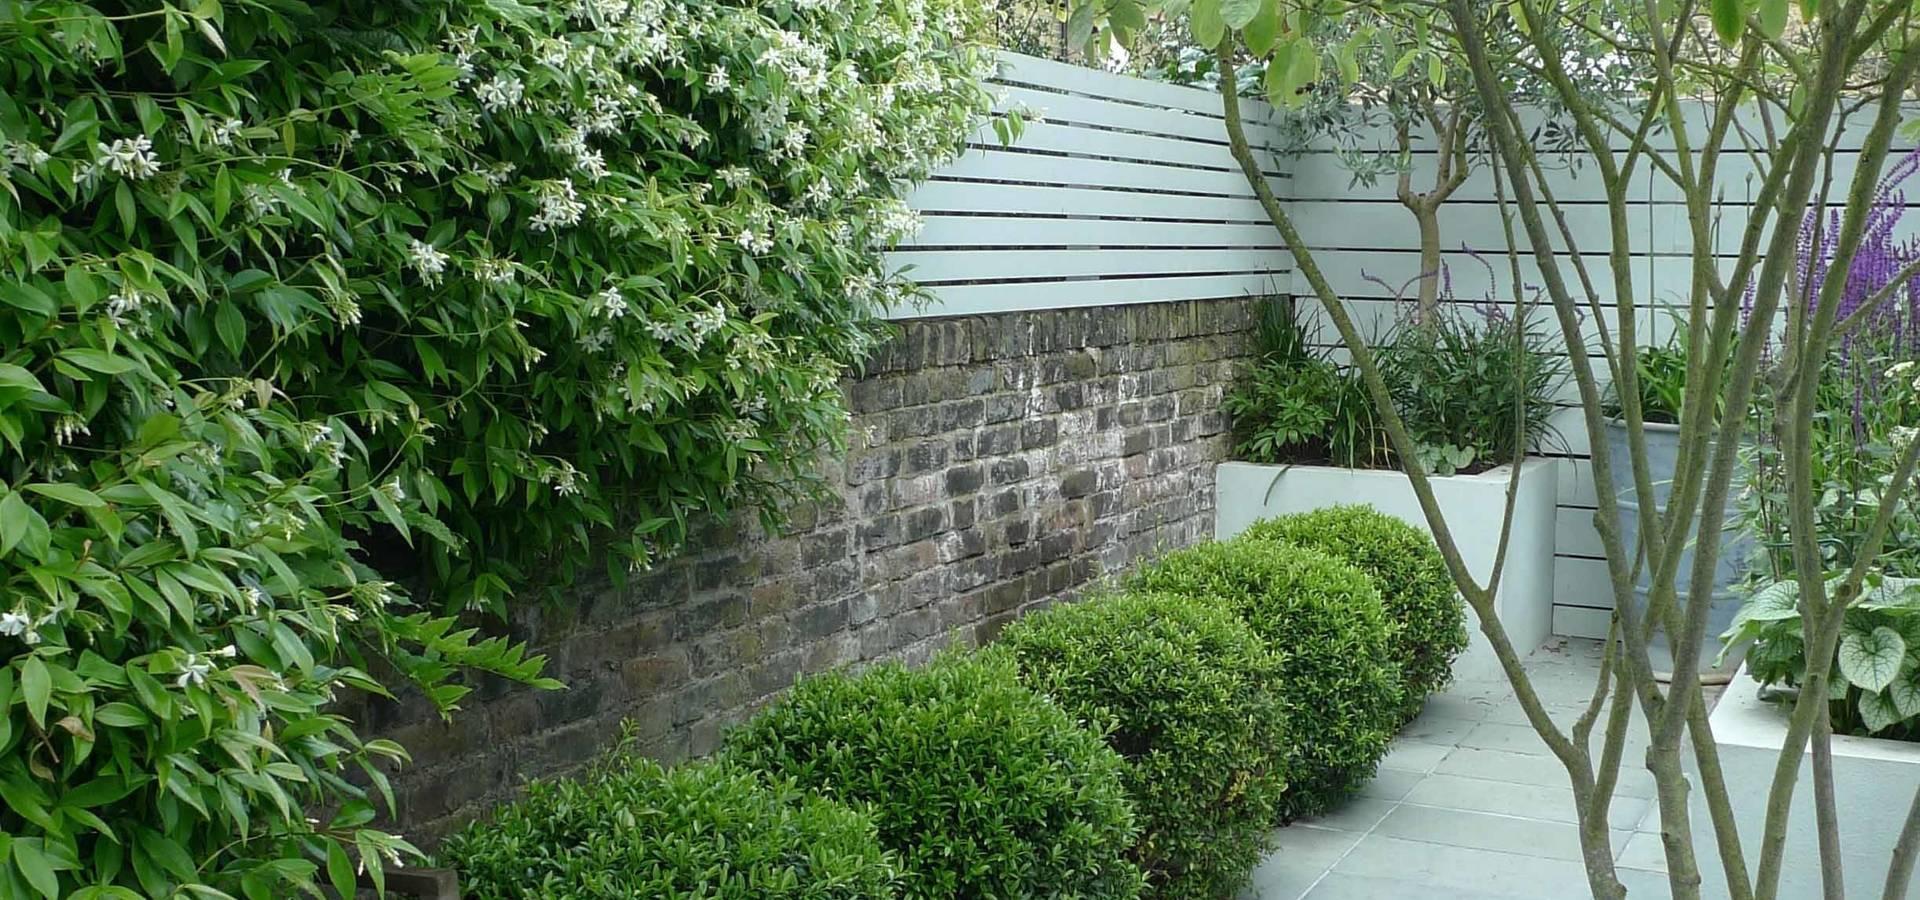 Ruth willmott art culos de jardiner a en london homify for Accesorios jardineria